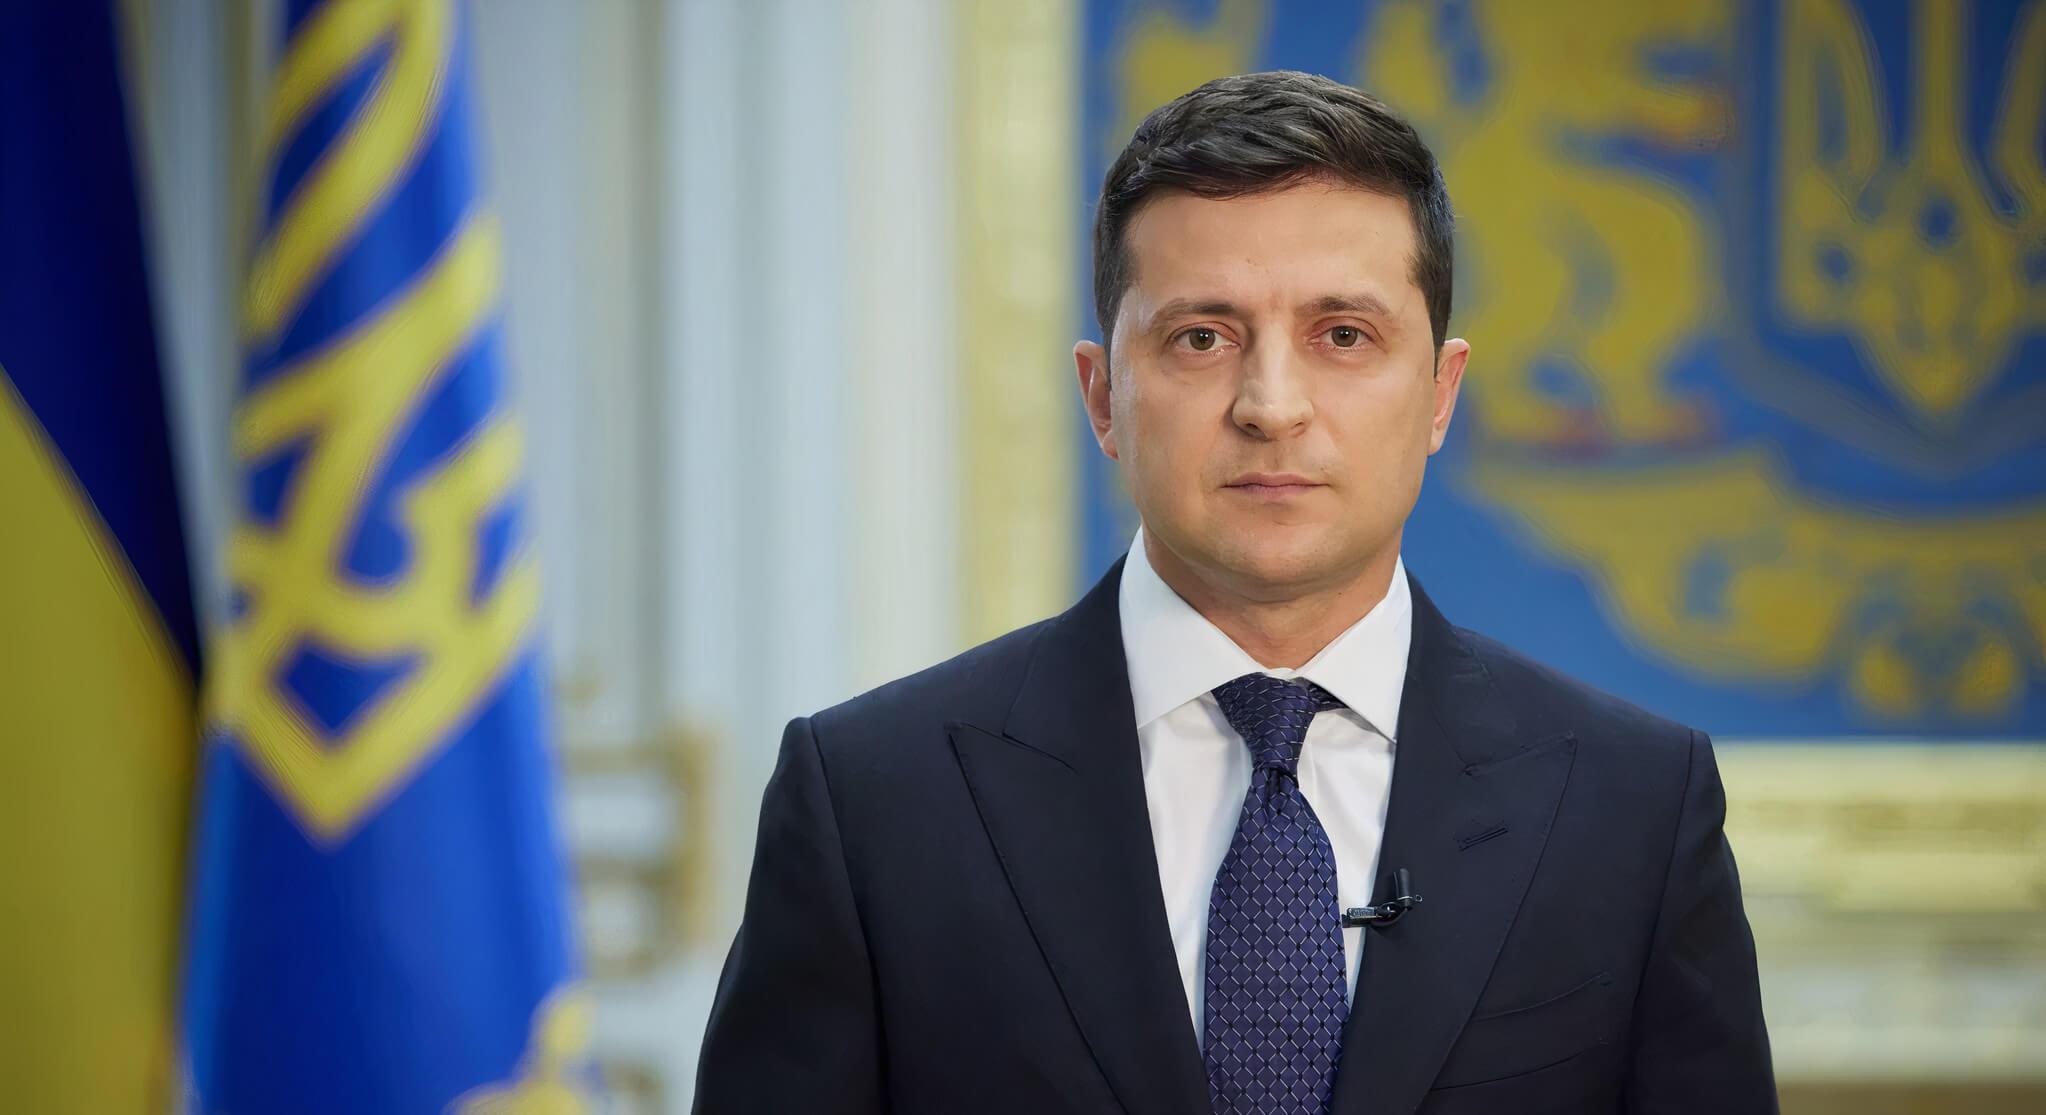 Зеленський підписав закон про врегулювання колекторської діяльності